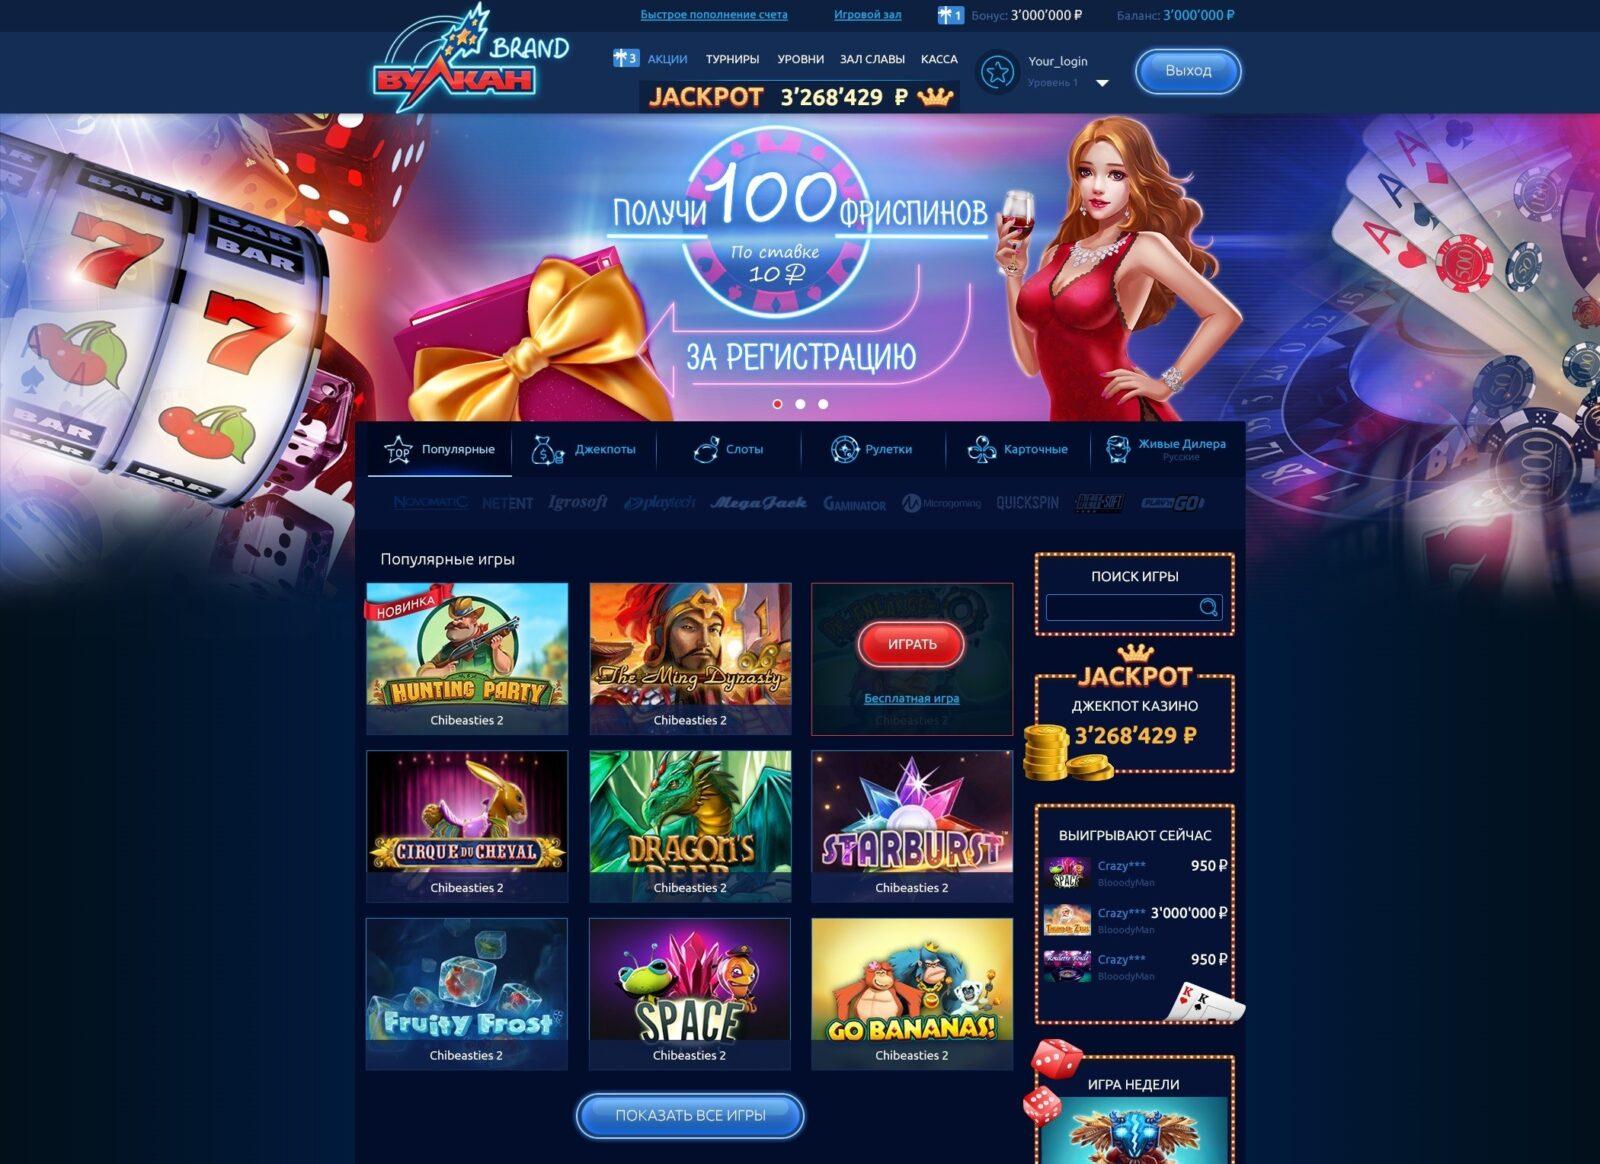 Купить франшизу онлайн казино крупнейшие онлайн покер